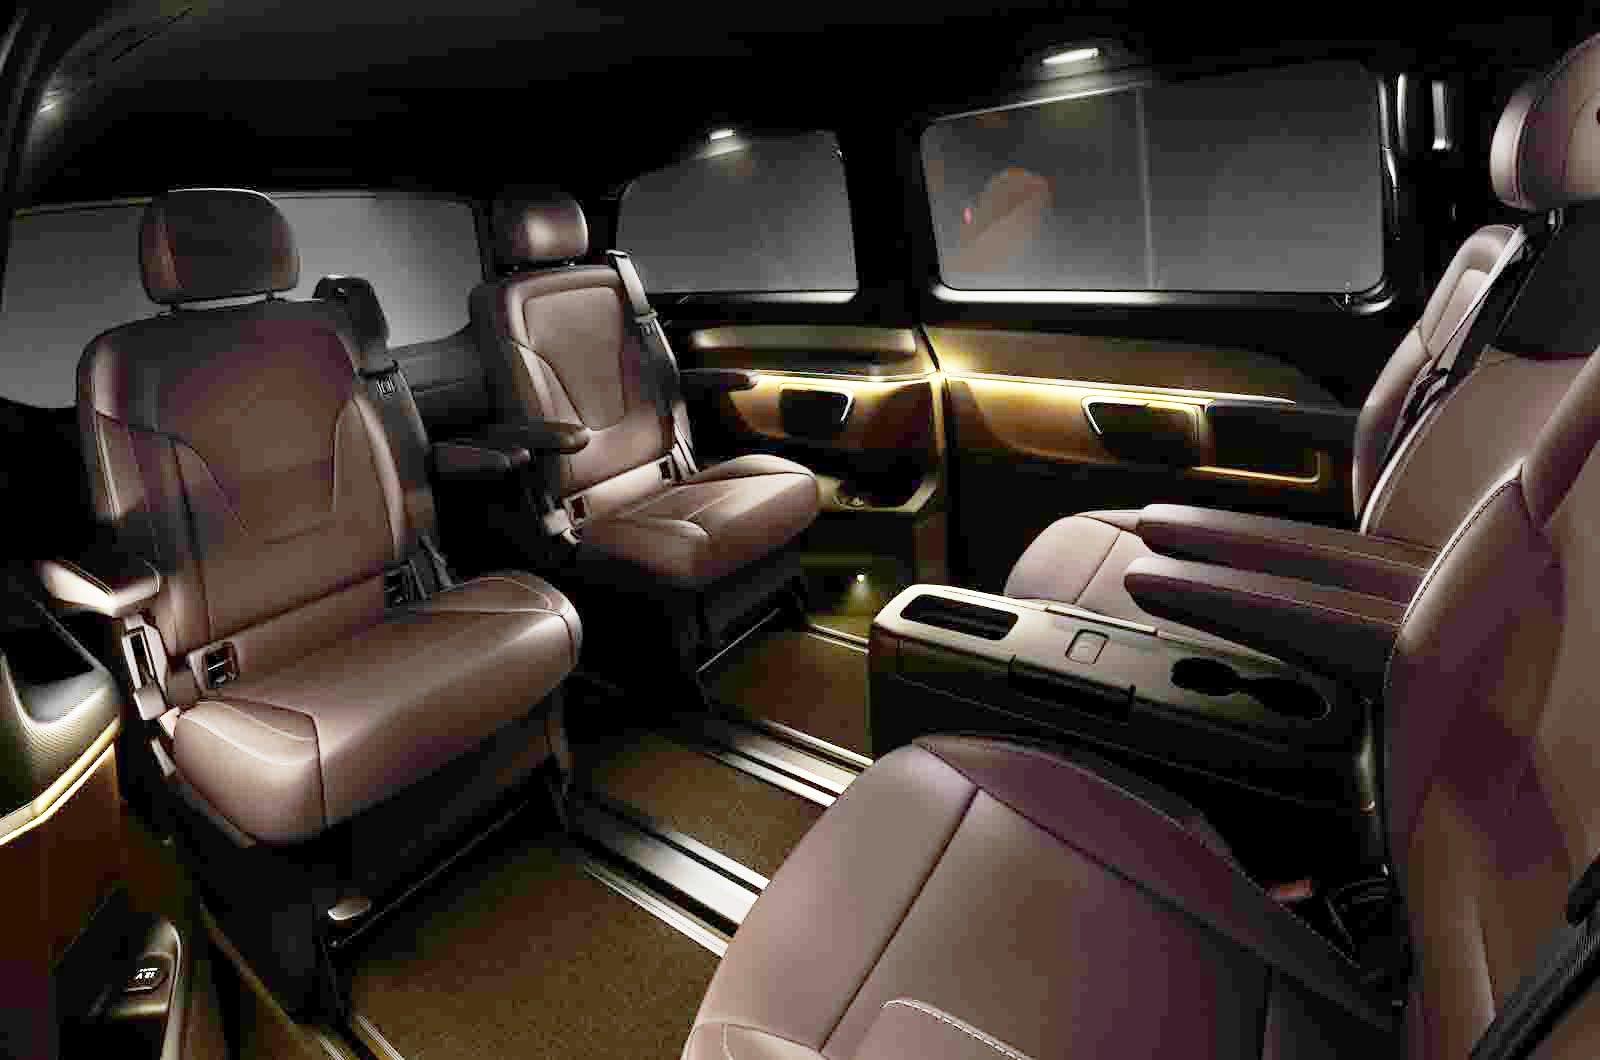 Mercedes-Benz V-Class (W447) interior revealed Image 205788